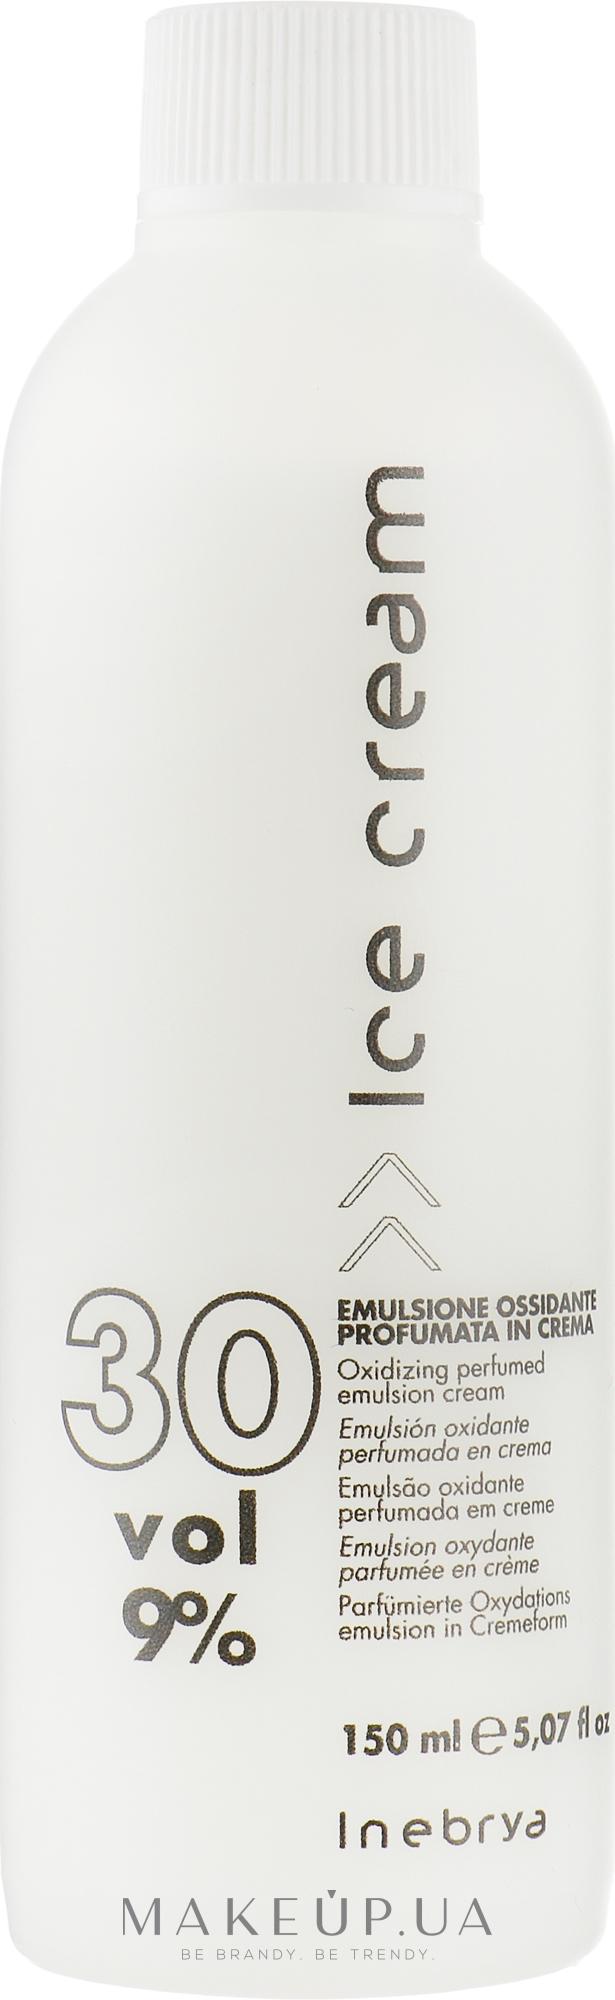 Окислительная эмульсия для волос 9% - Inebrya Hydrogen Peroxide — фото 150ml